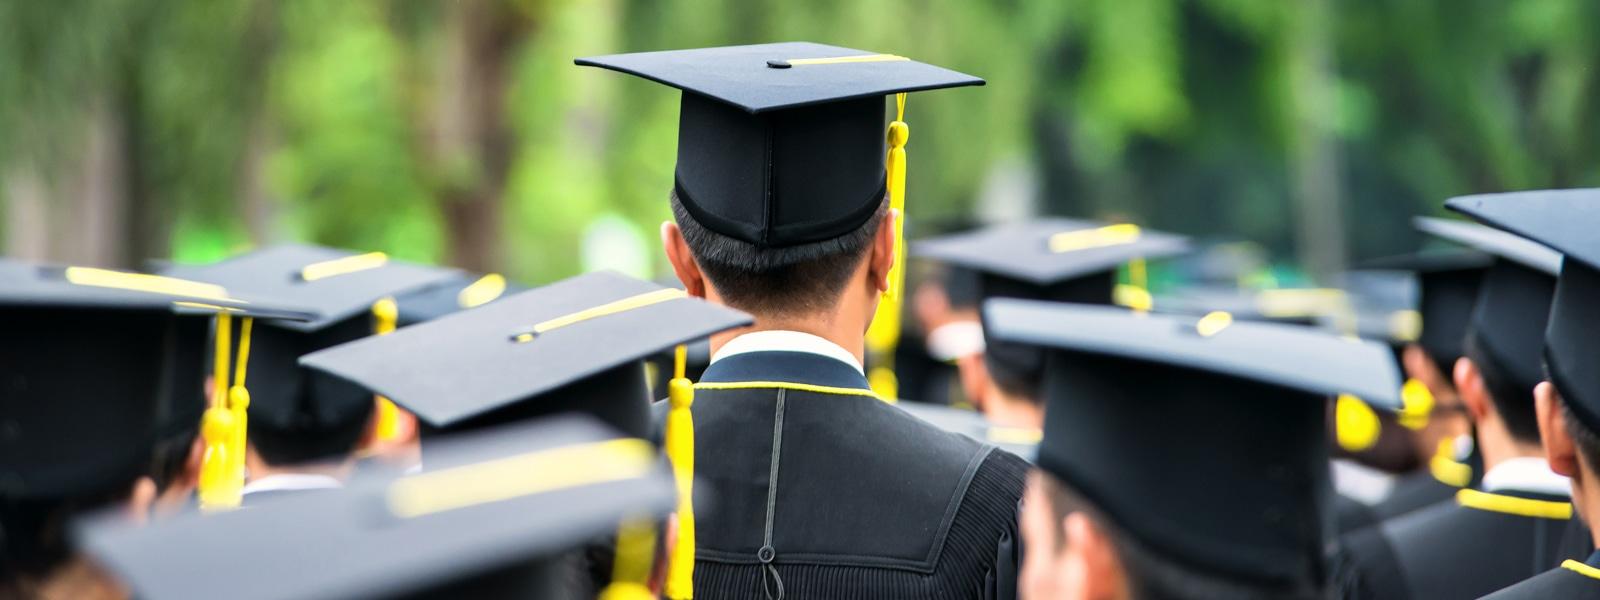 Student at a graduation